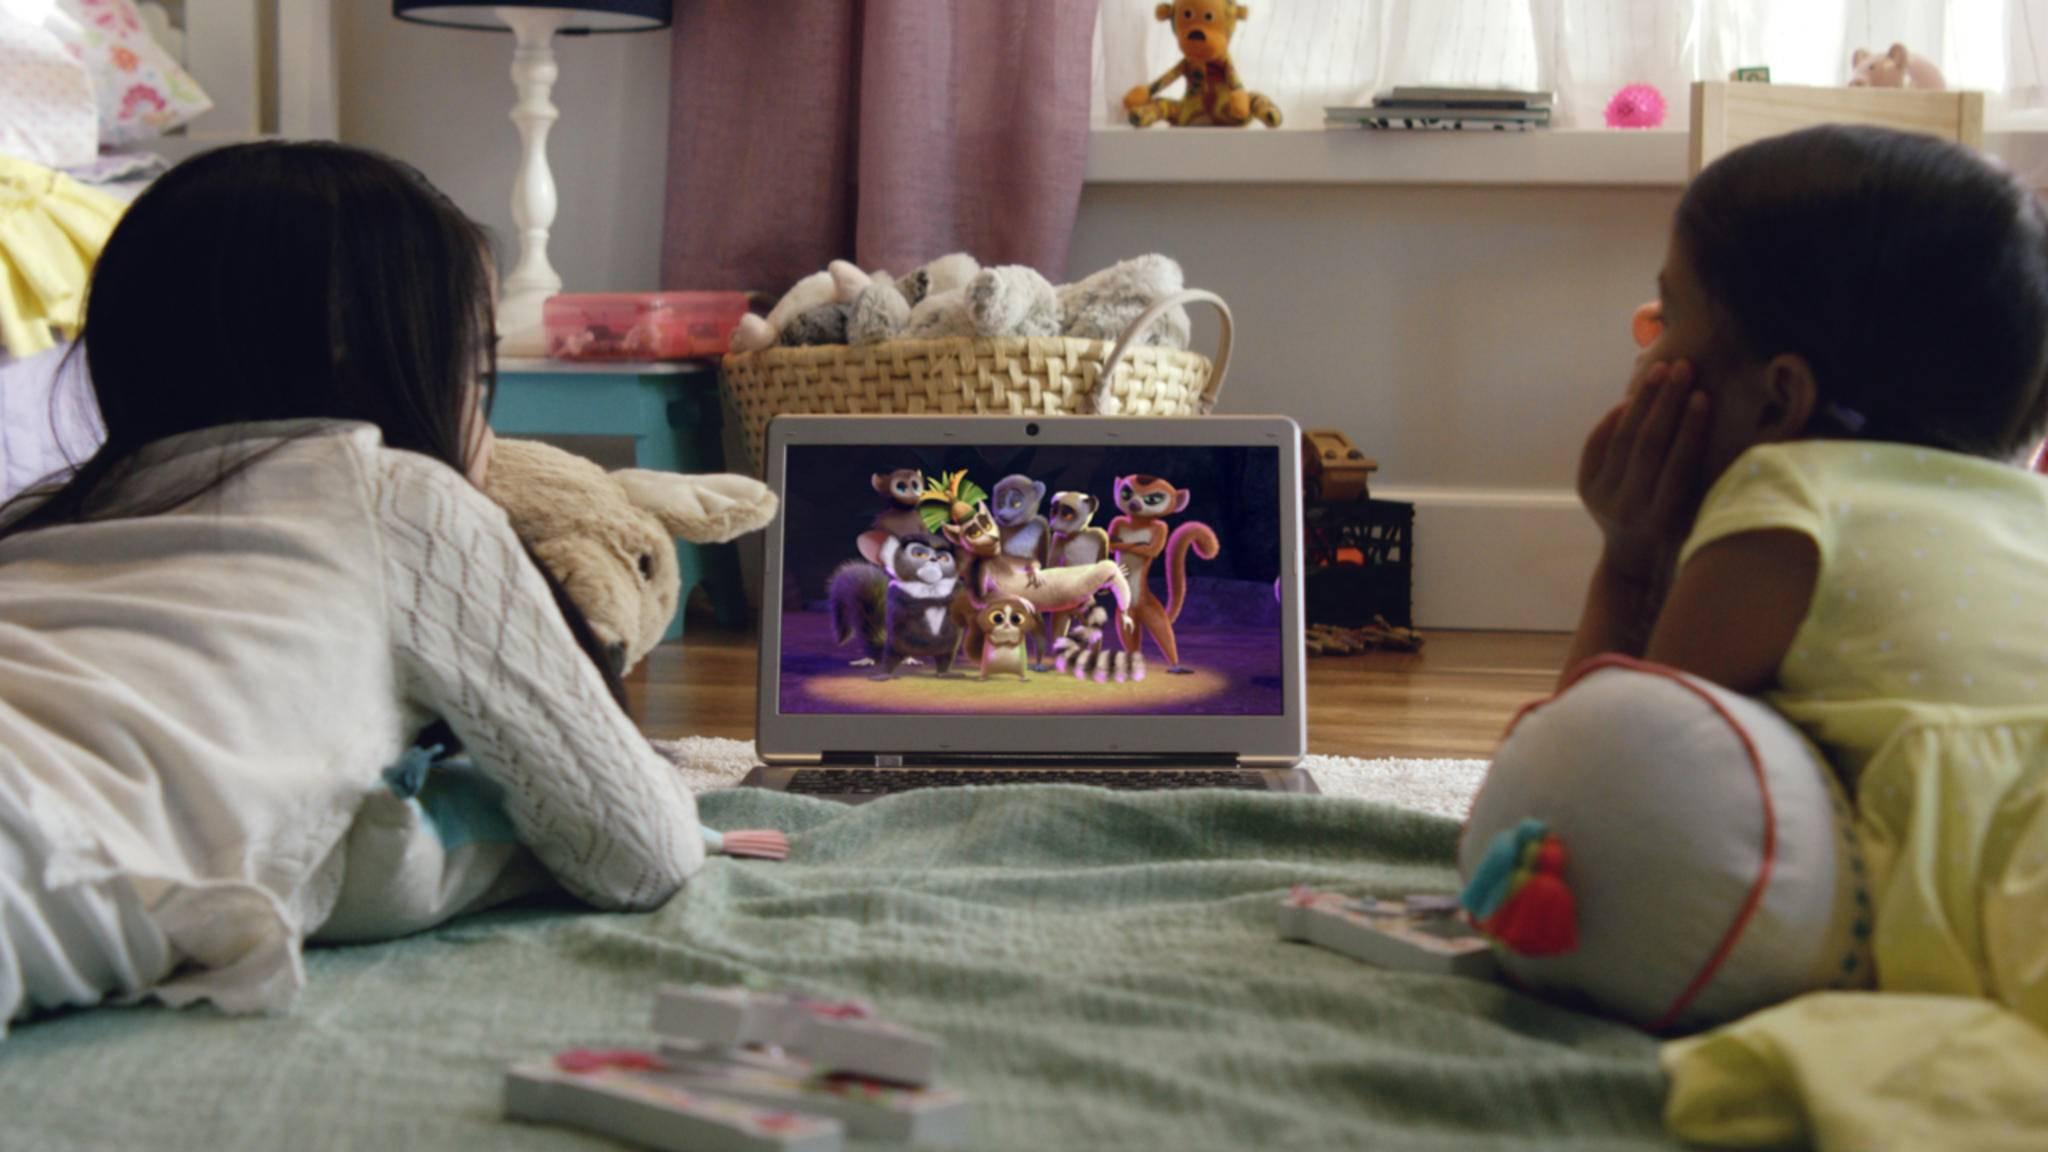 Mit Netflix-Profilen können Inhalte für Kinder eingeschränkt werden.